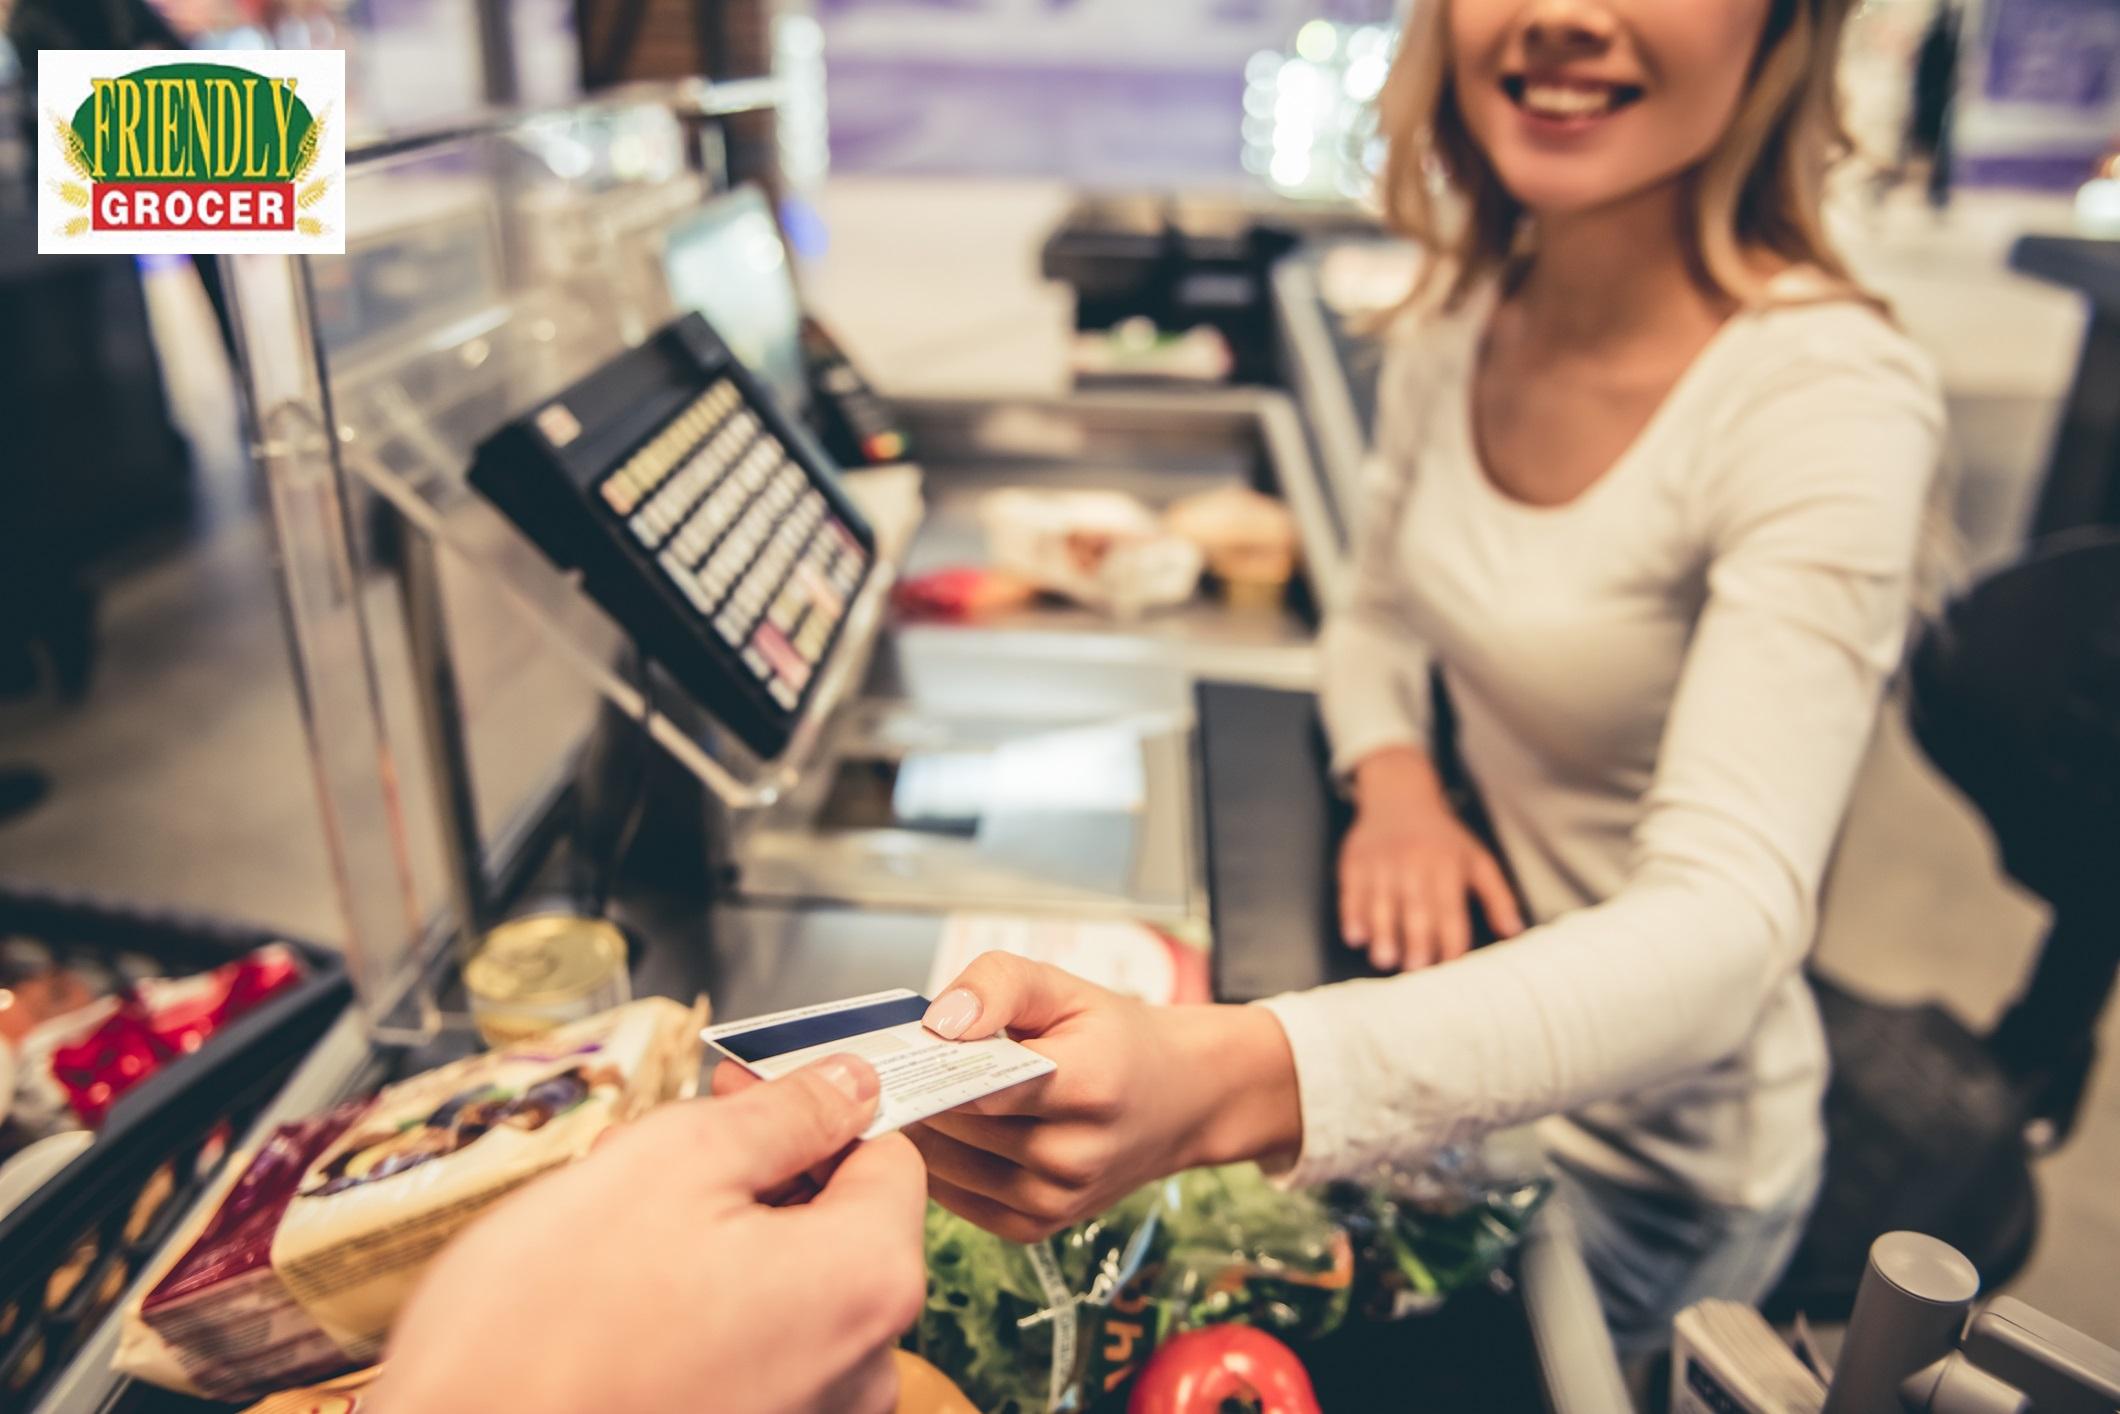 Friendly Grocer Supermarket For Sale | Sunshine Coast